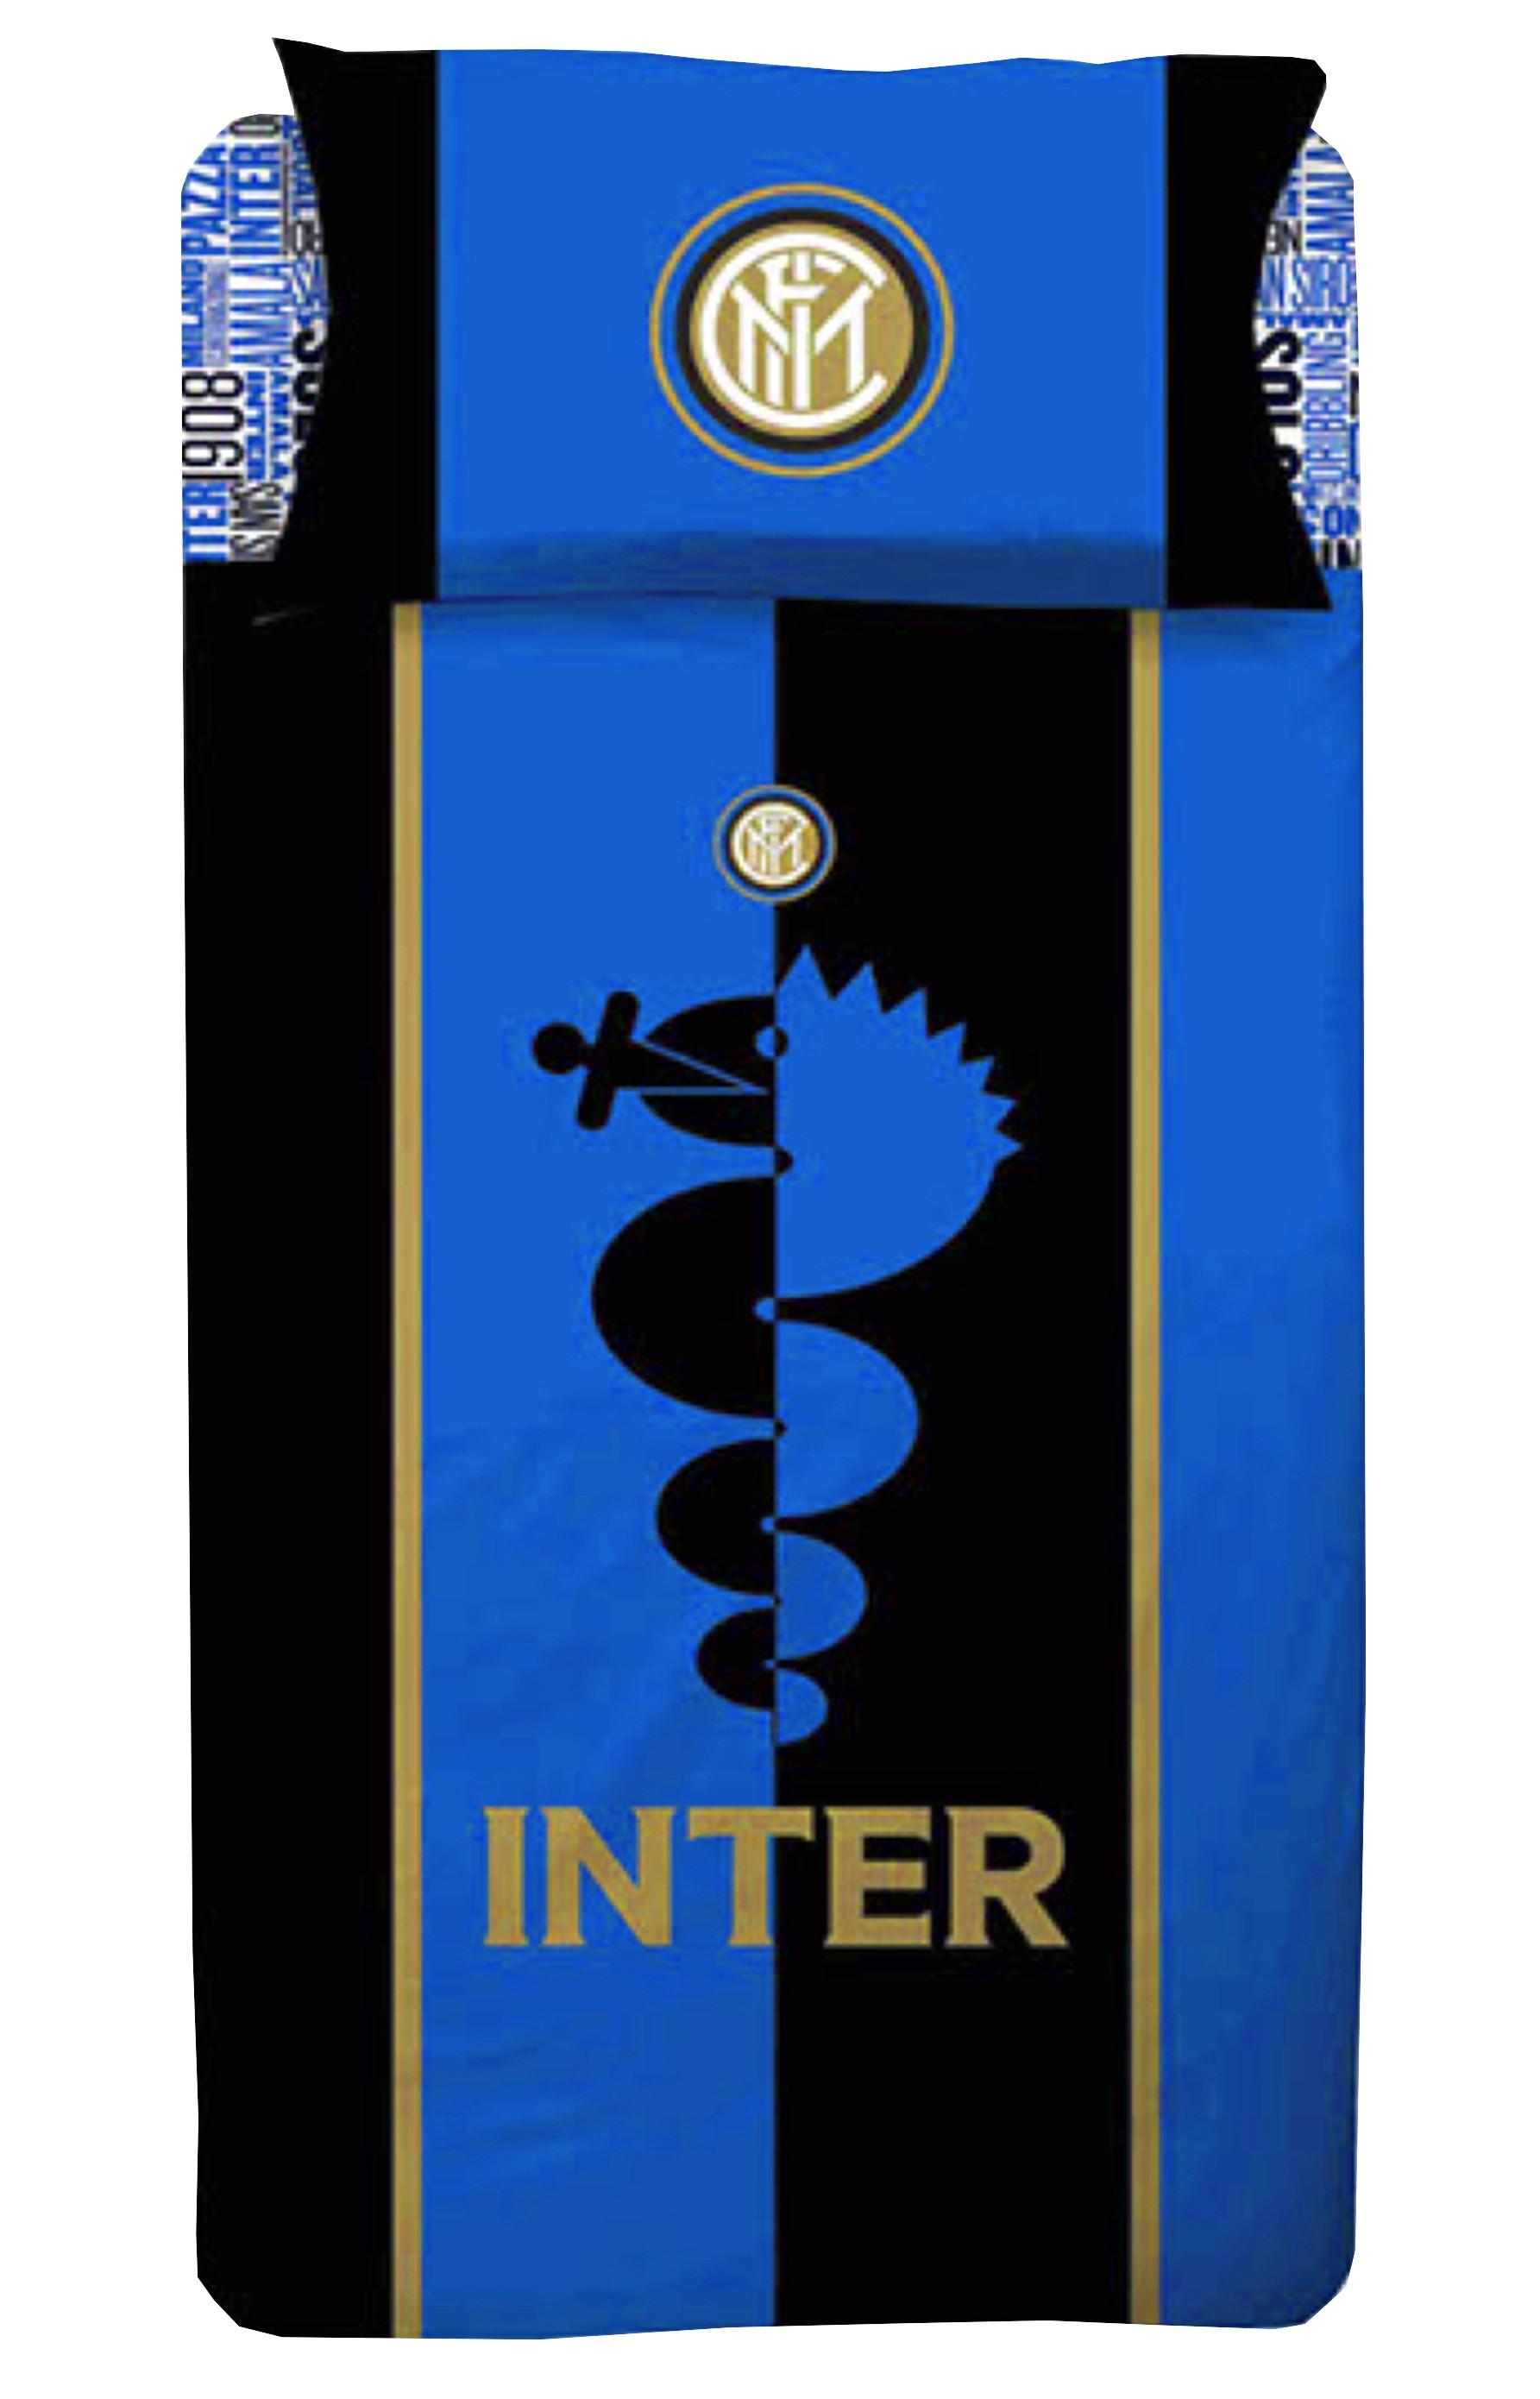 Copripiumino Inter Singolo.Copripiumino Singolo 1 Piazza Inter Ufficiale Internazionale E